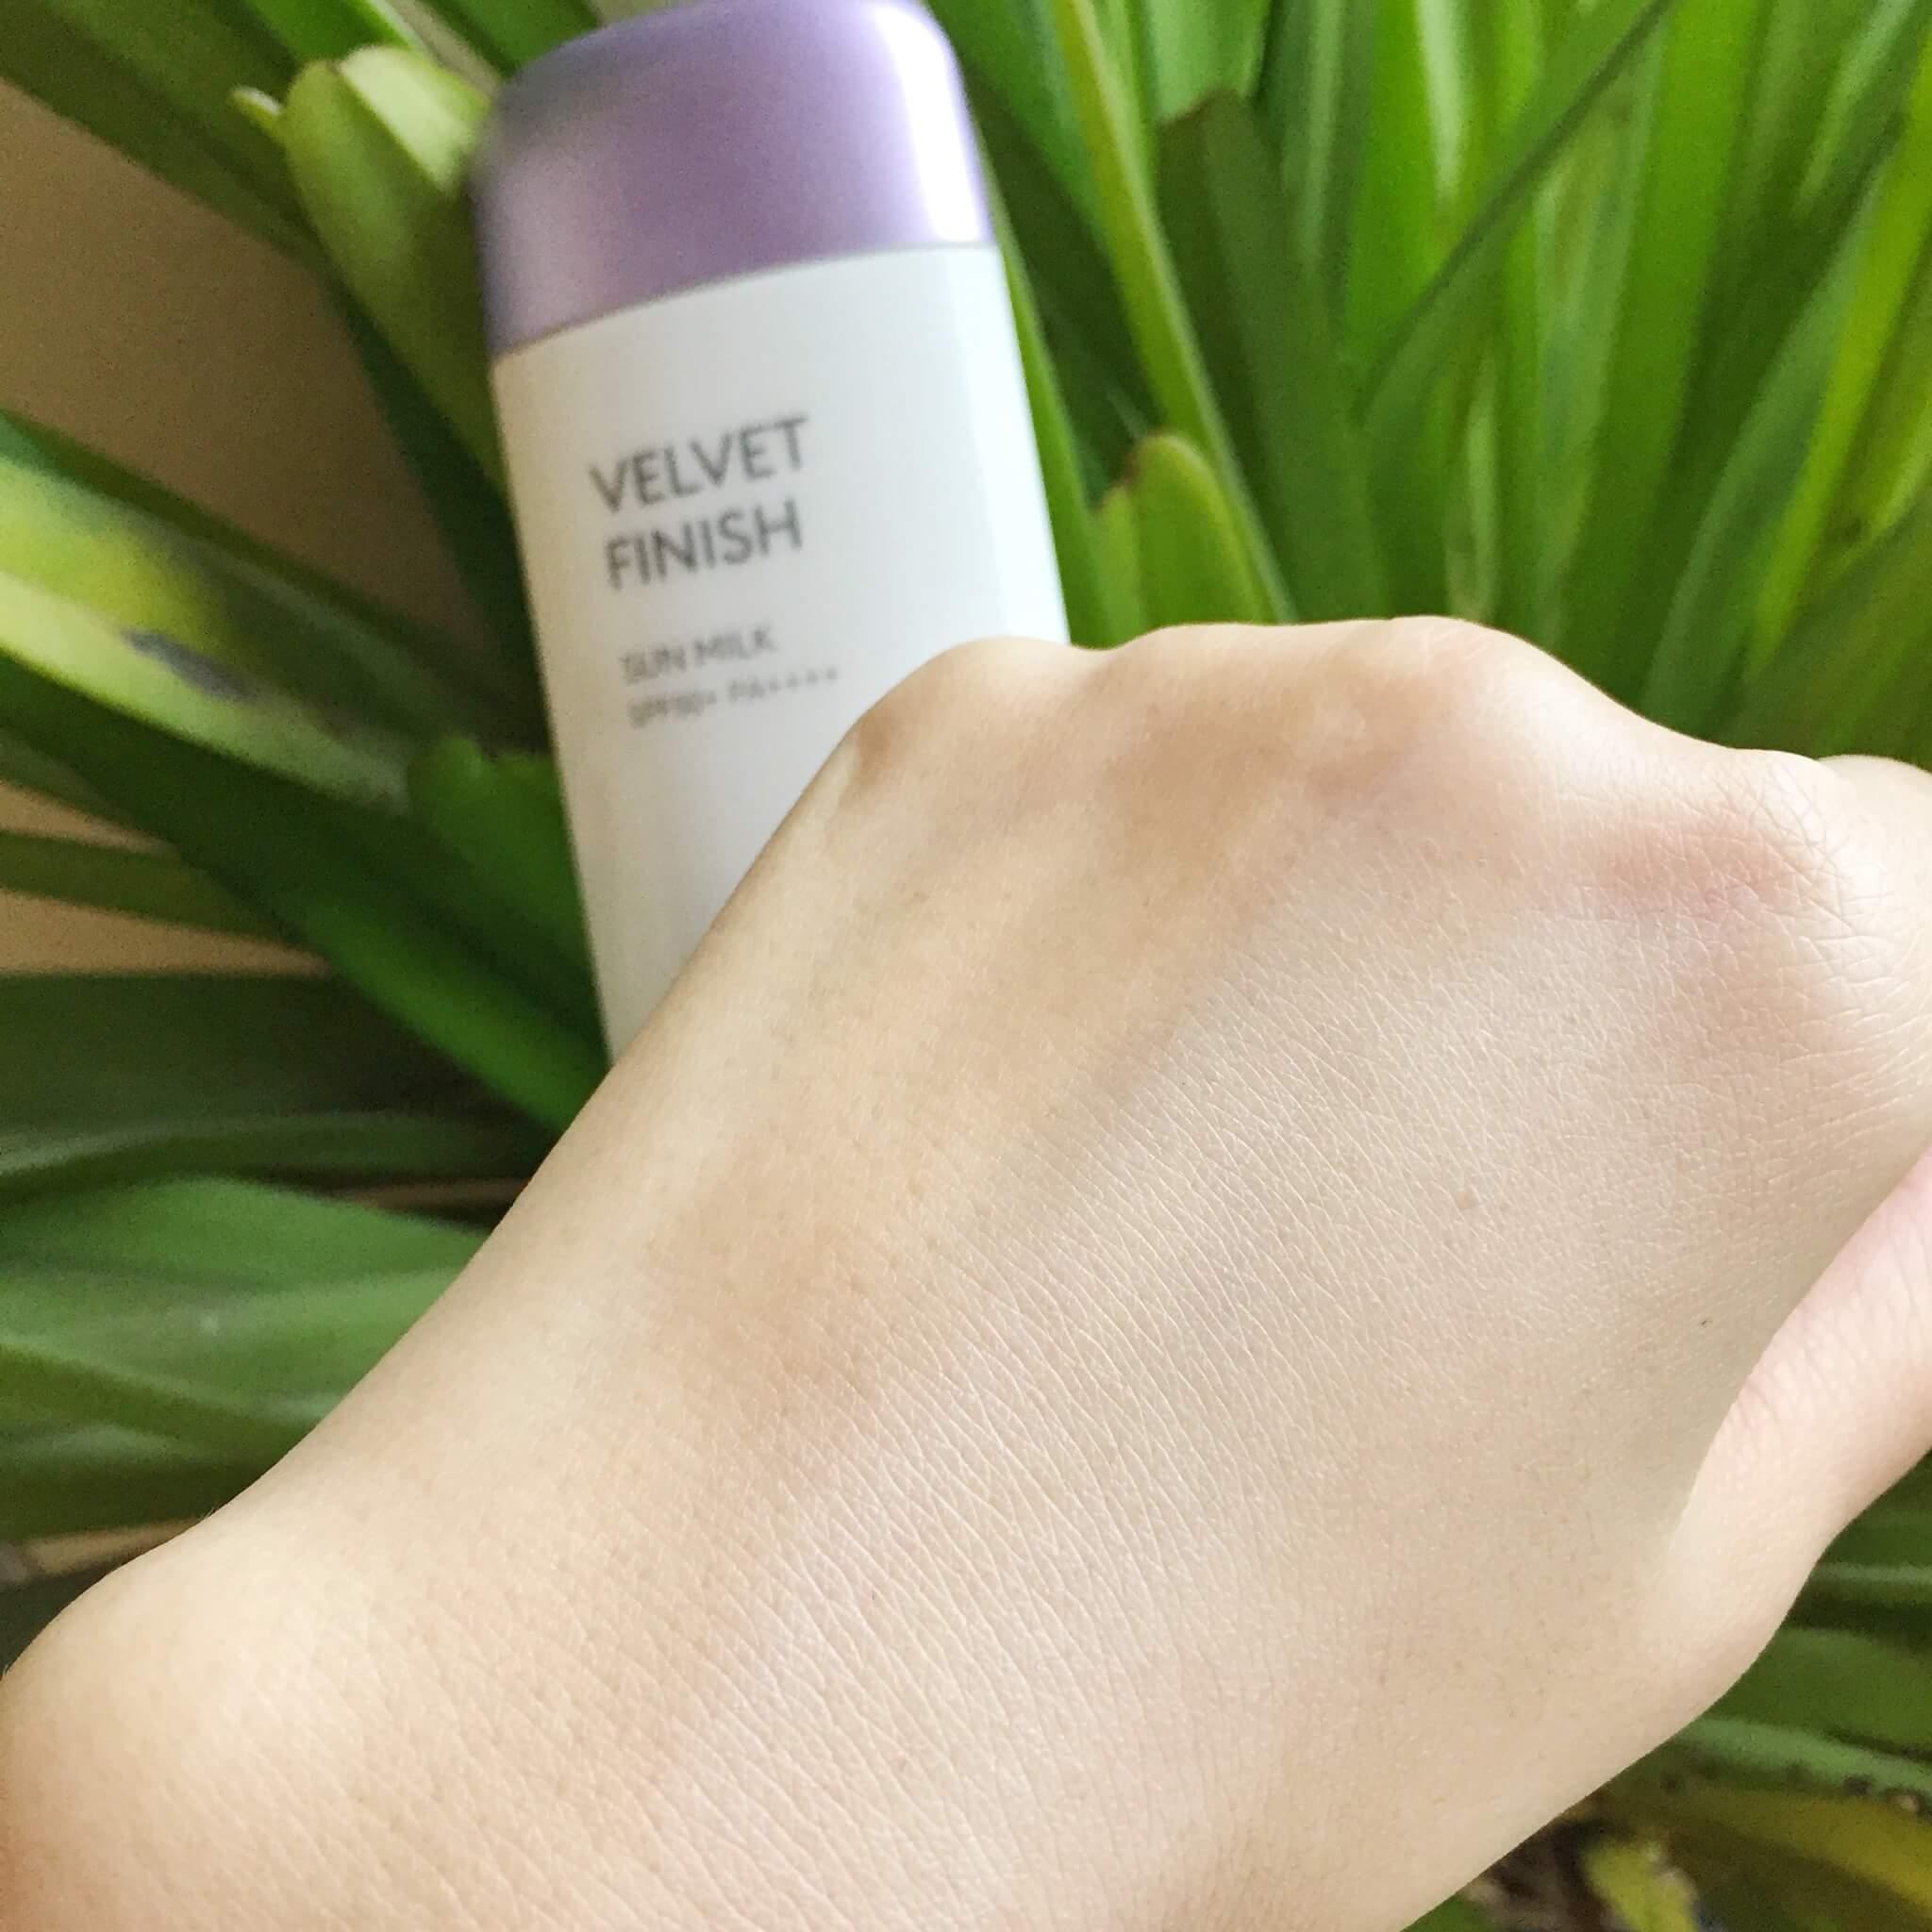 Kem Chống Nắng Missha Velvet Finish Sun Milk 70ML (TÍM)